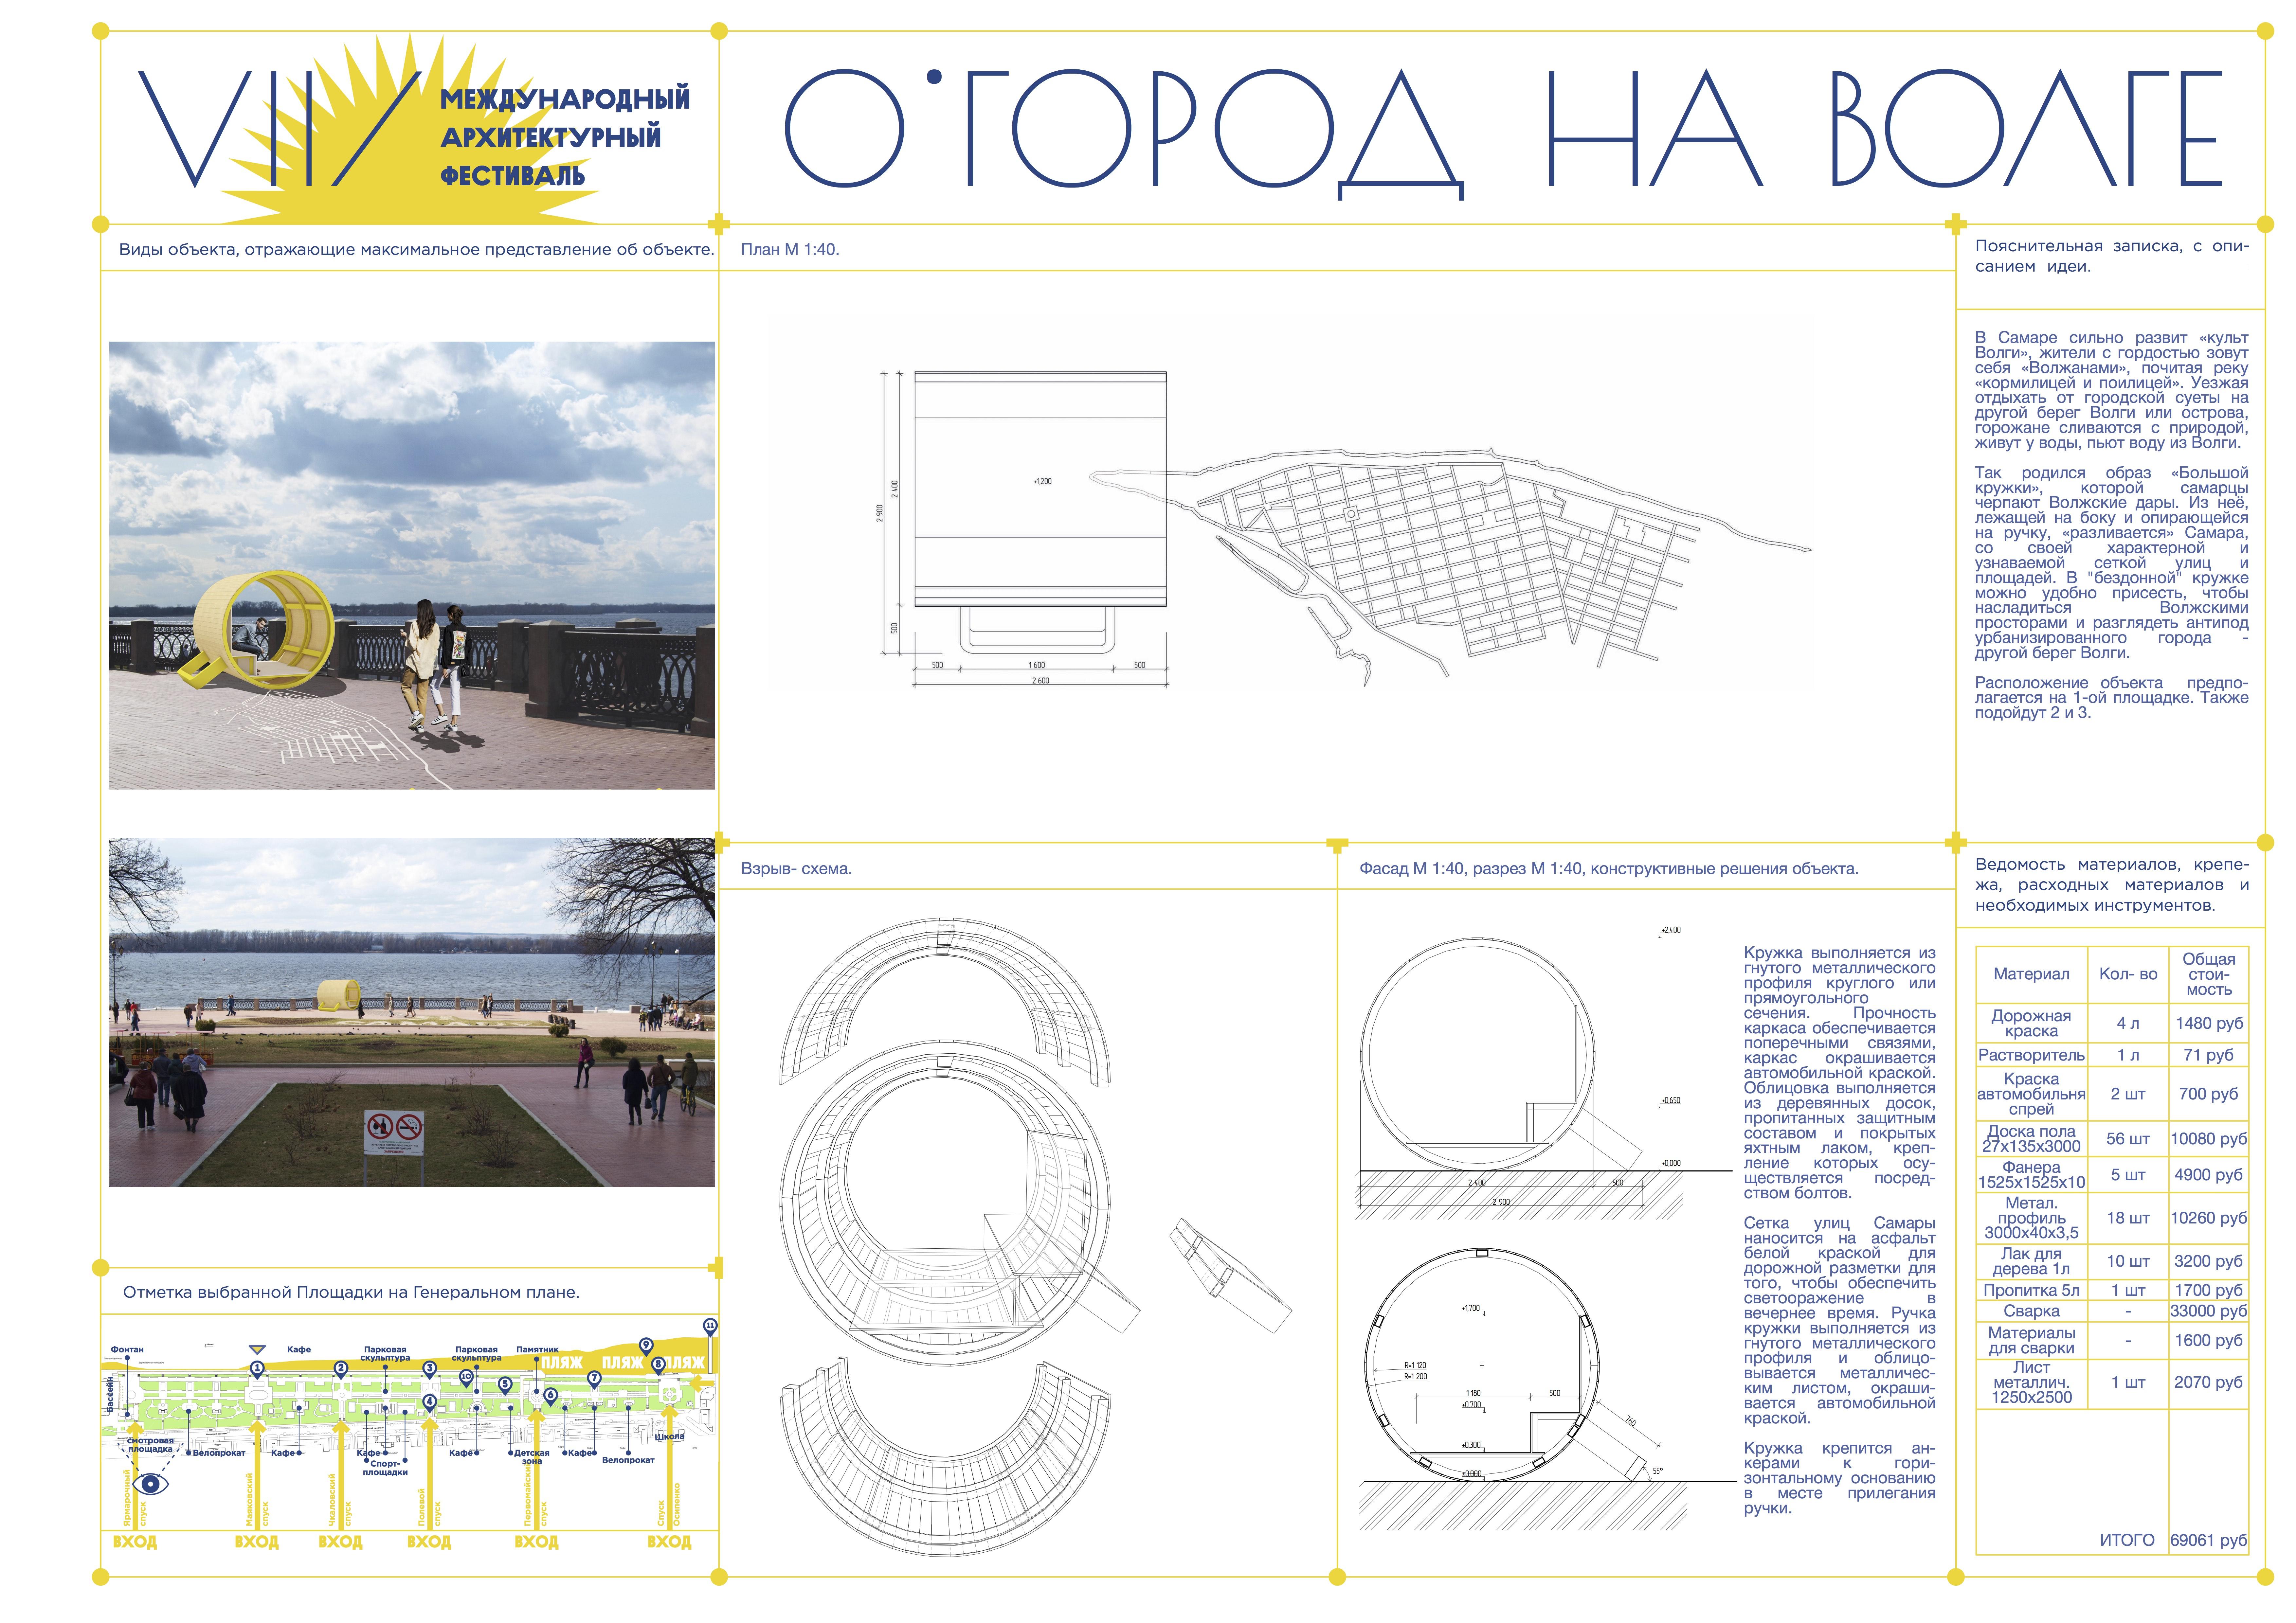 ОВ_27 - Конкурсный проект